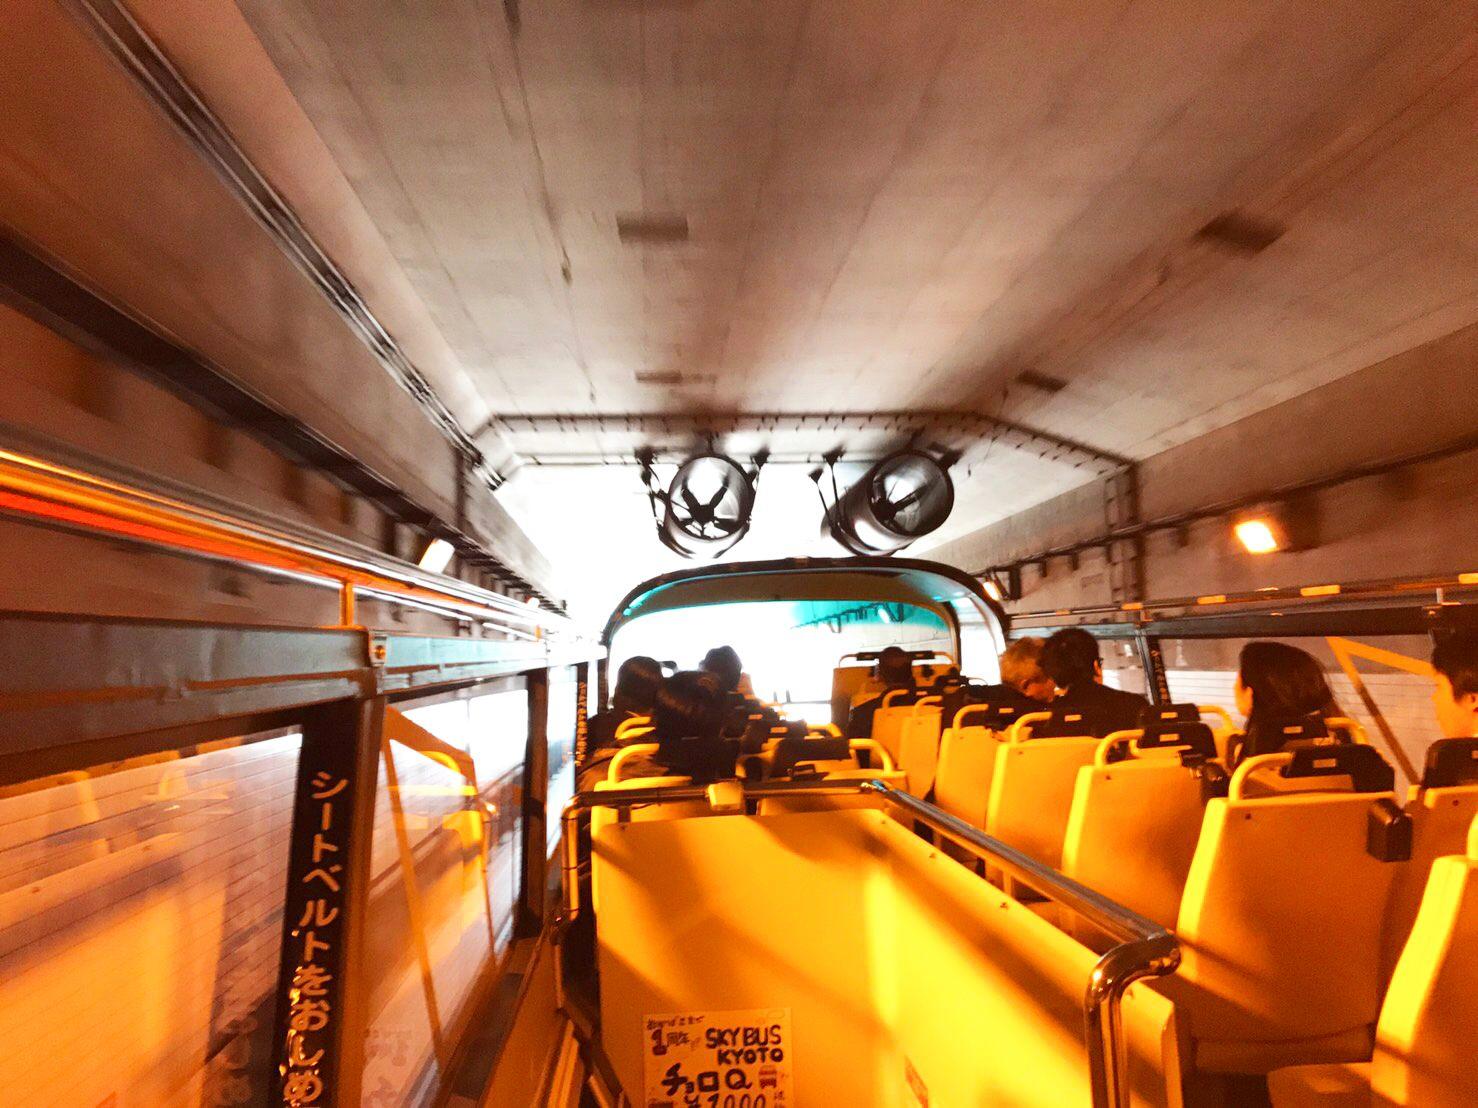 惊险度满分的港岛隧道。天花板从头顶飞快擦过的感觉非常刺激